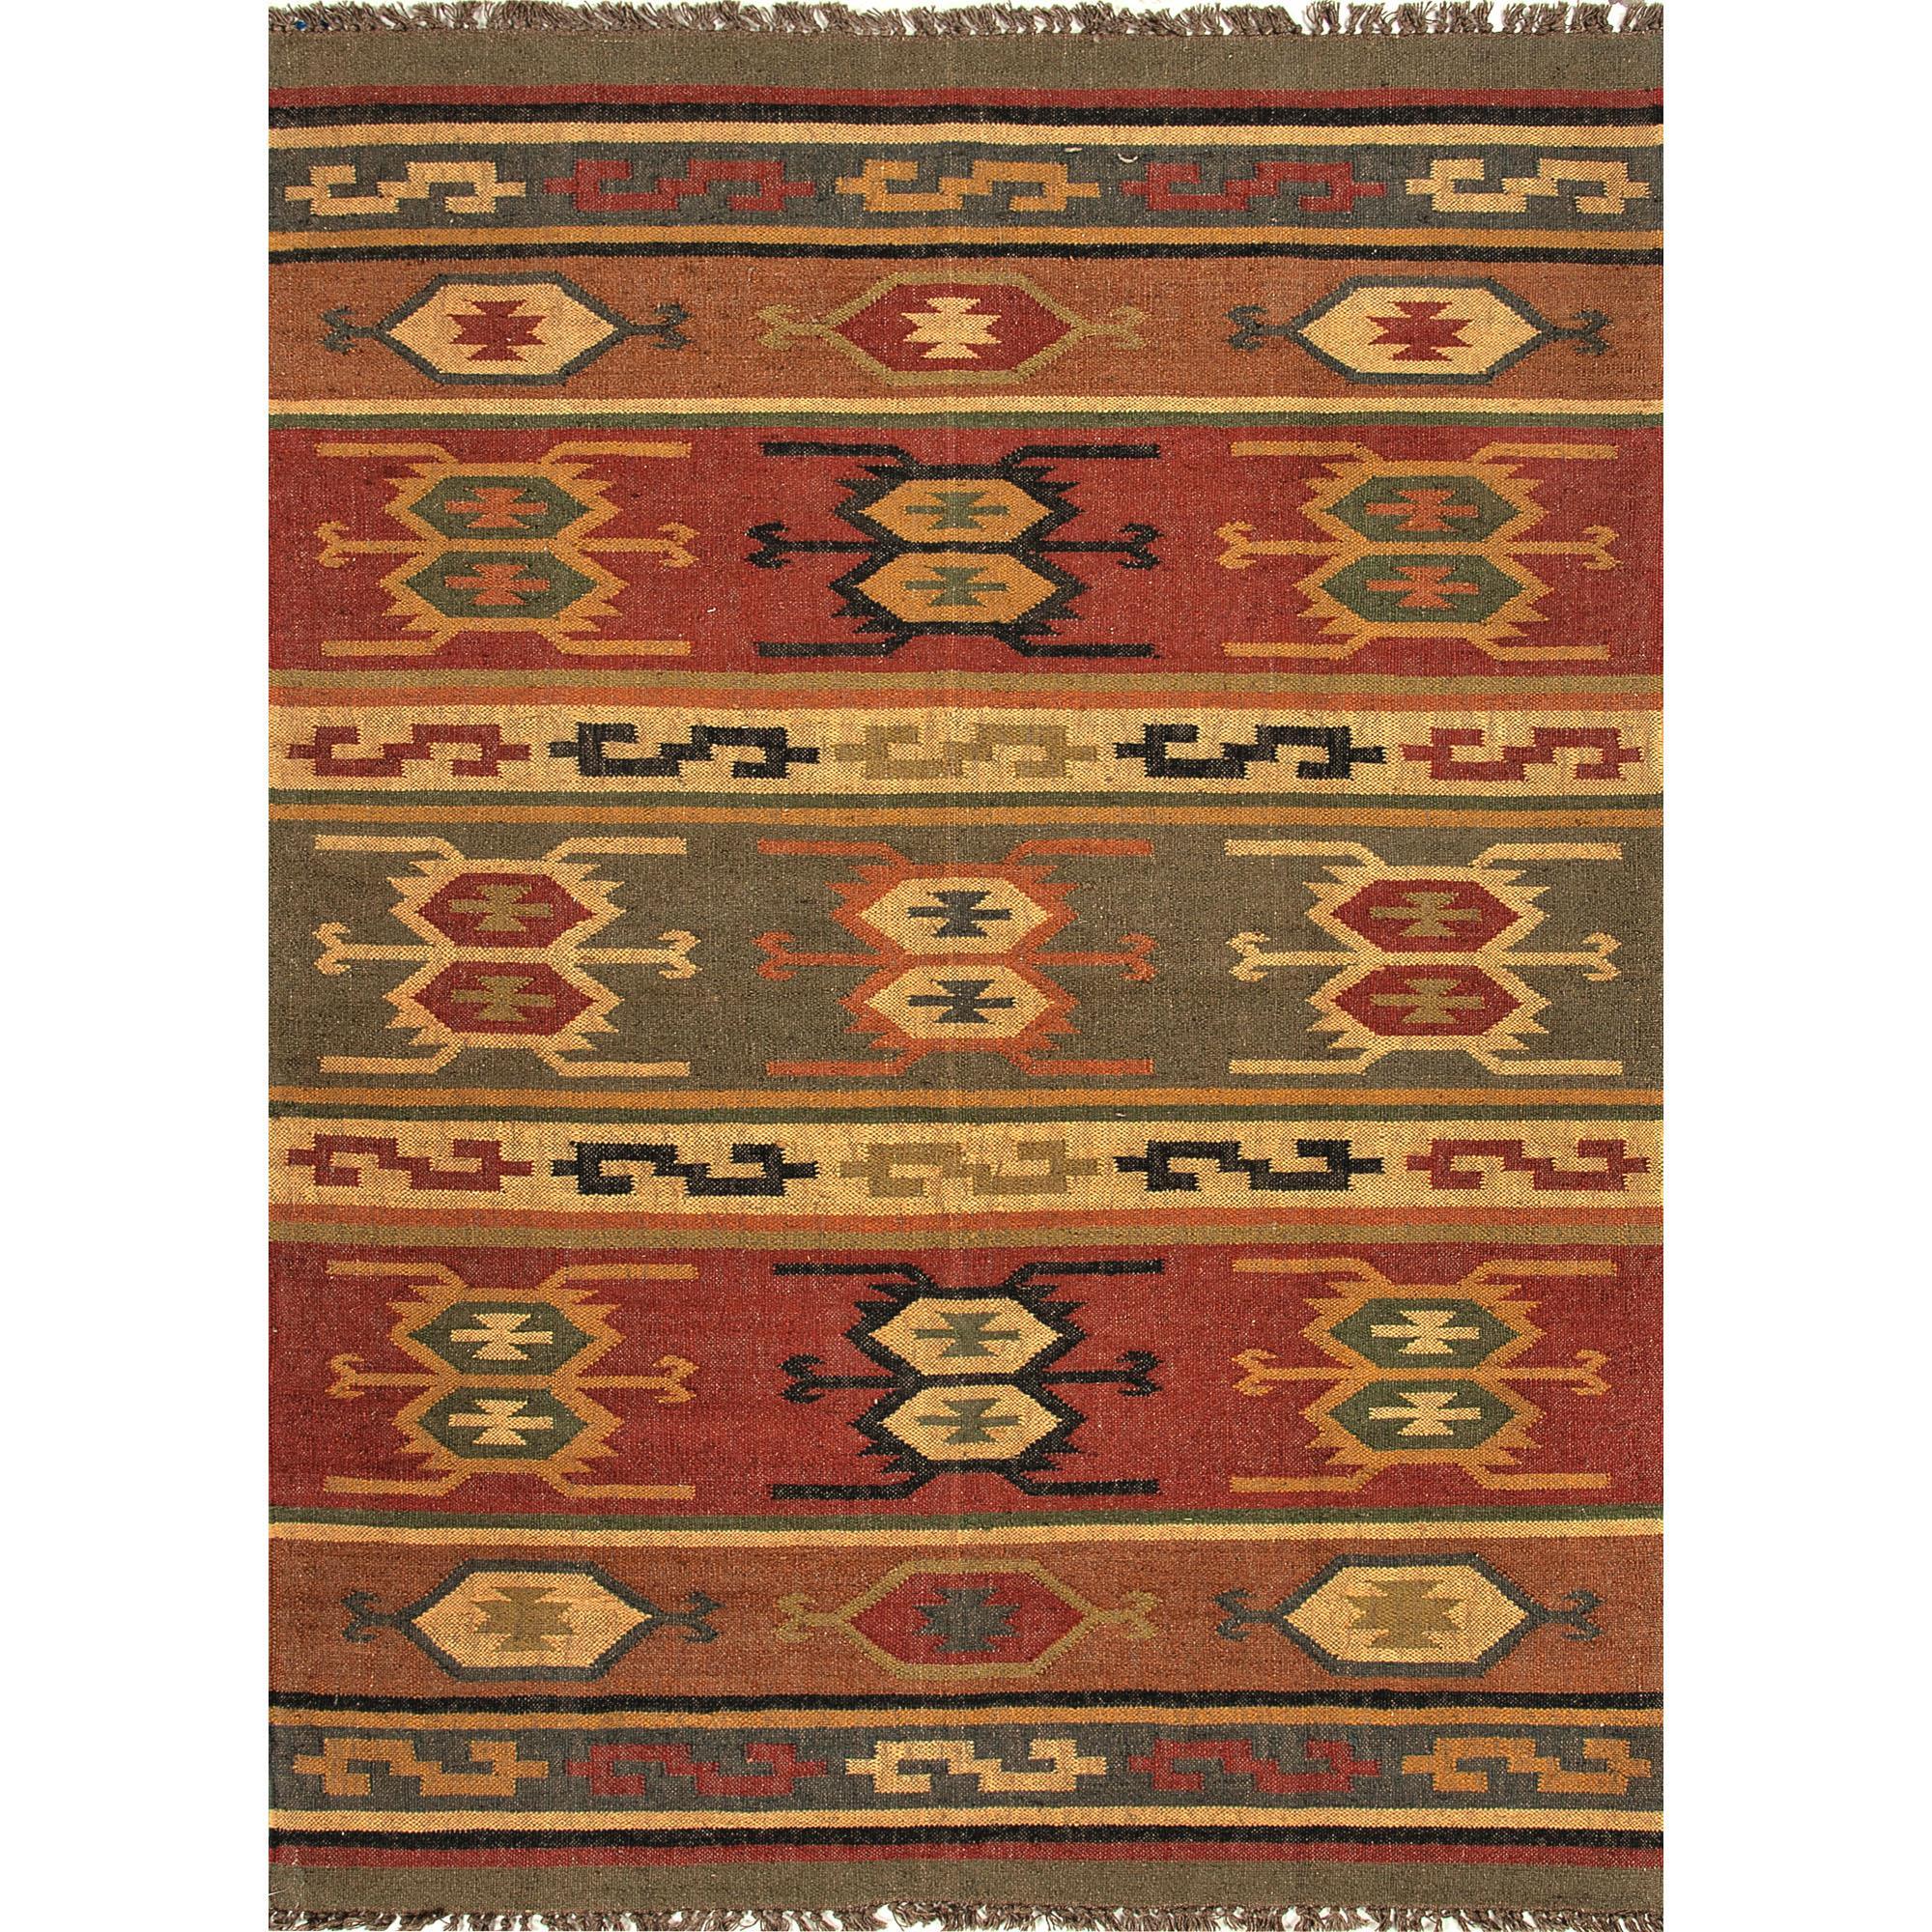 JAIPUR Rugs Bedouin 4 x 6 Rug - Item Number: RUG100269